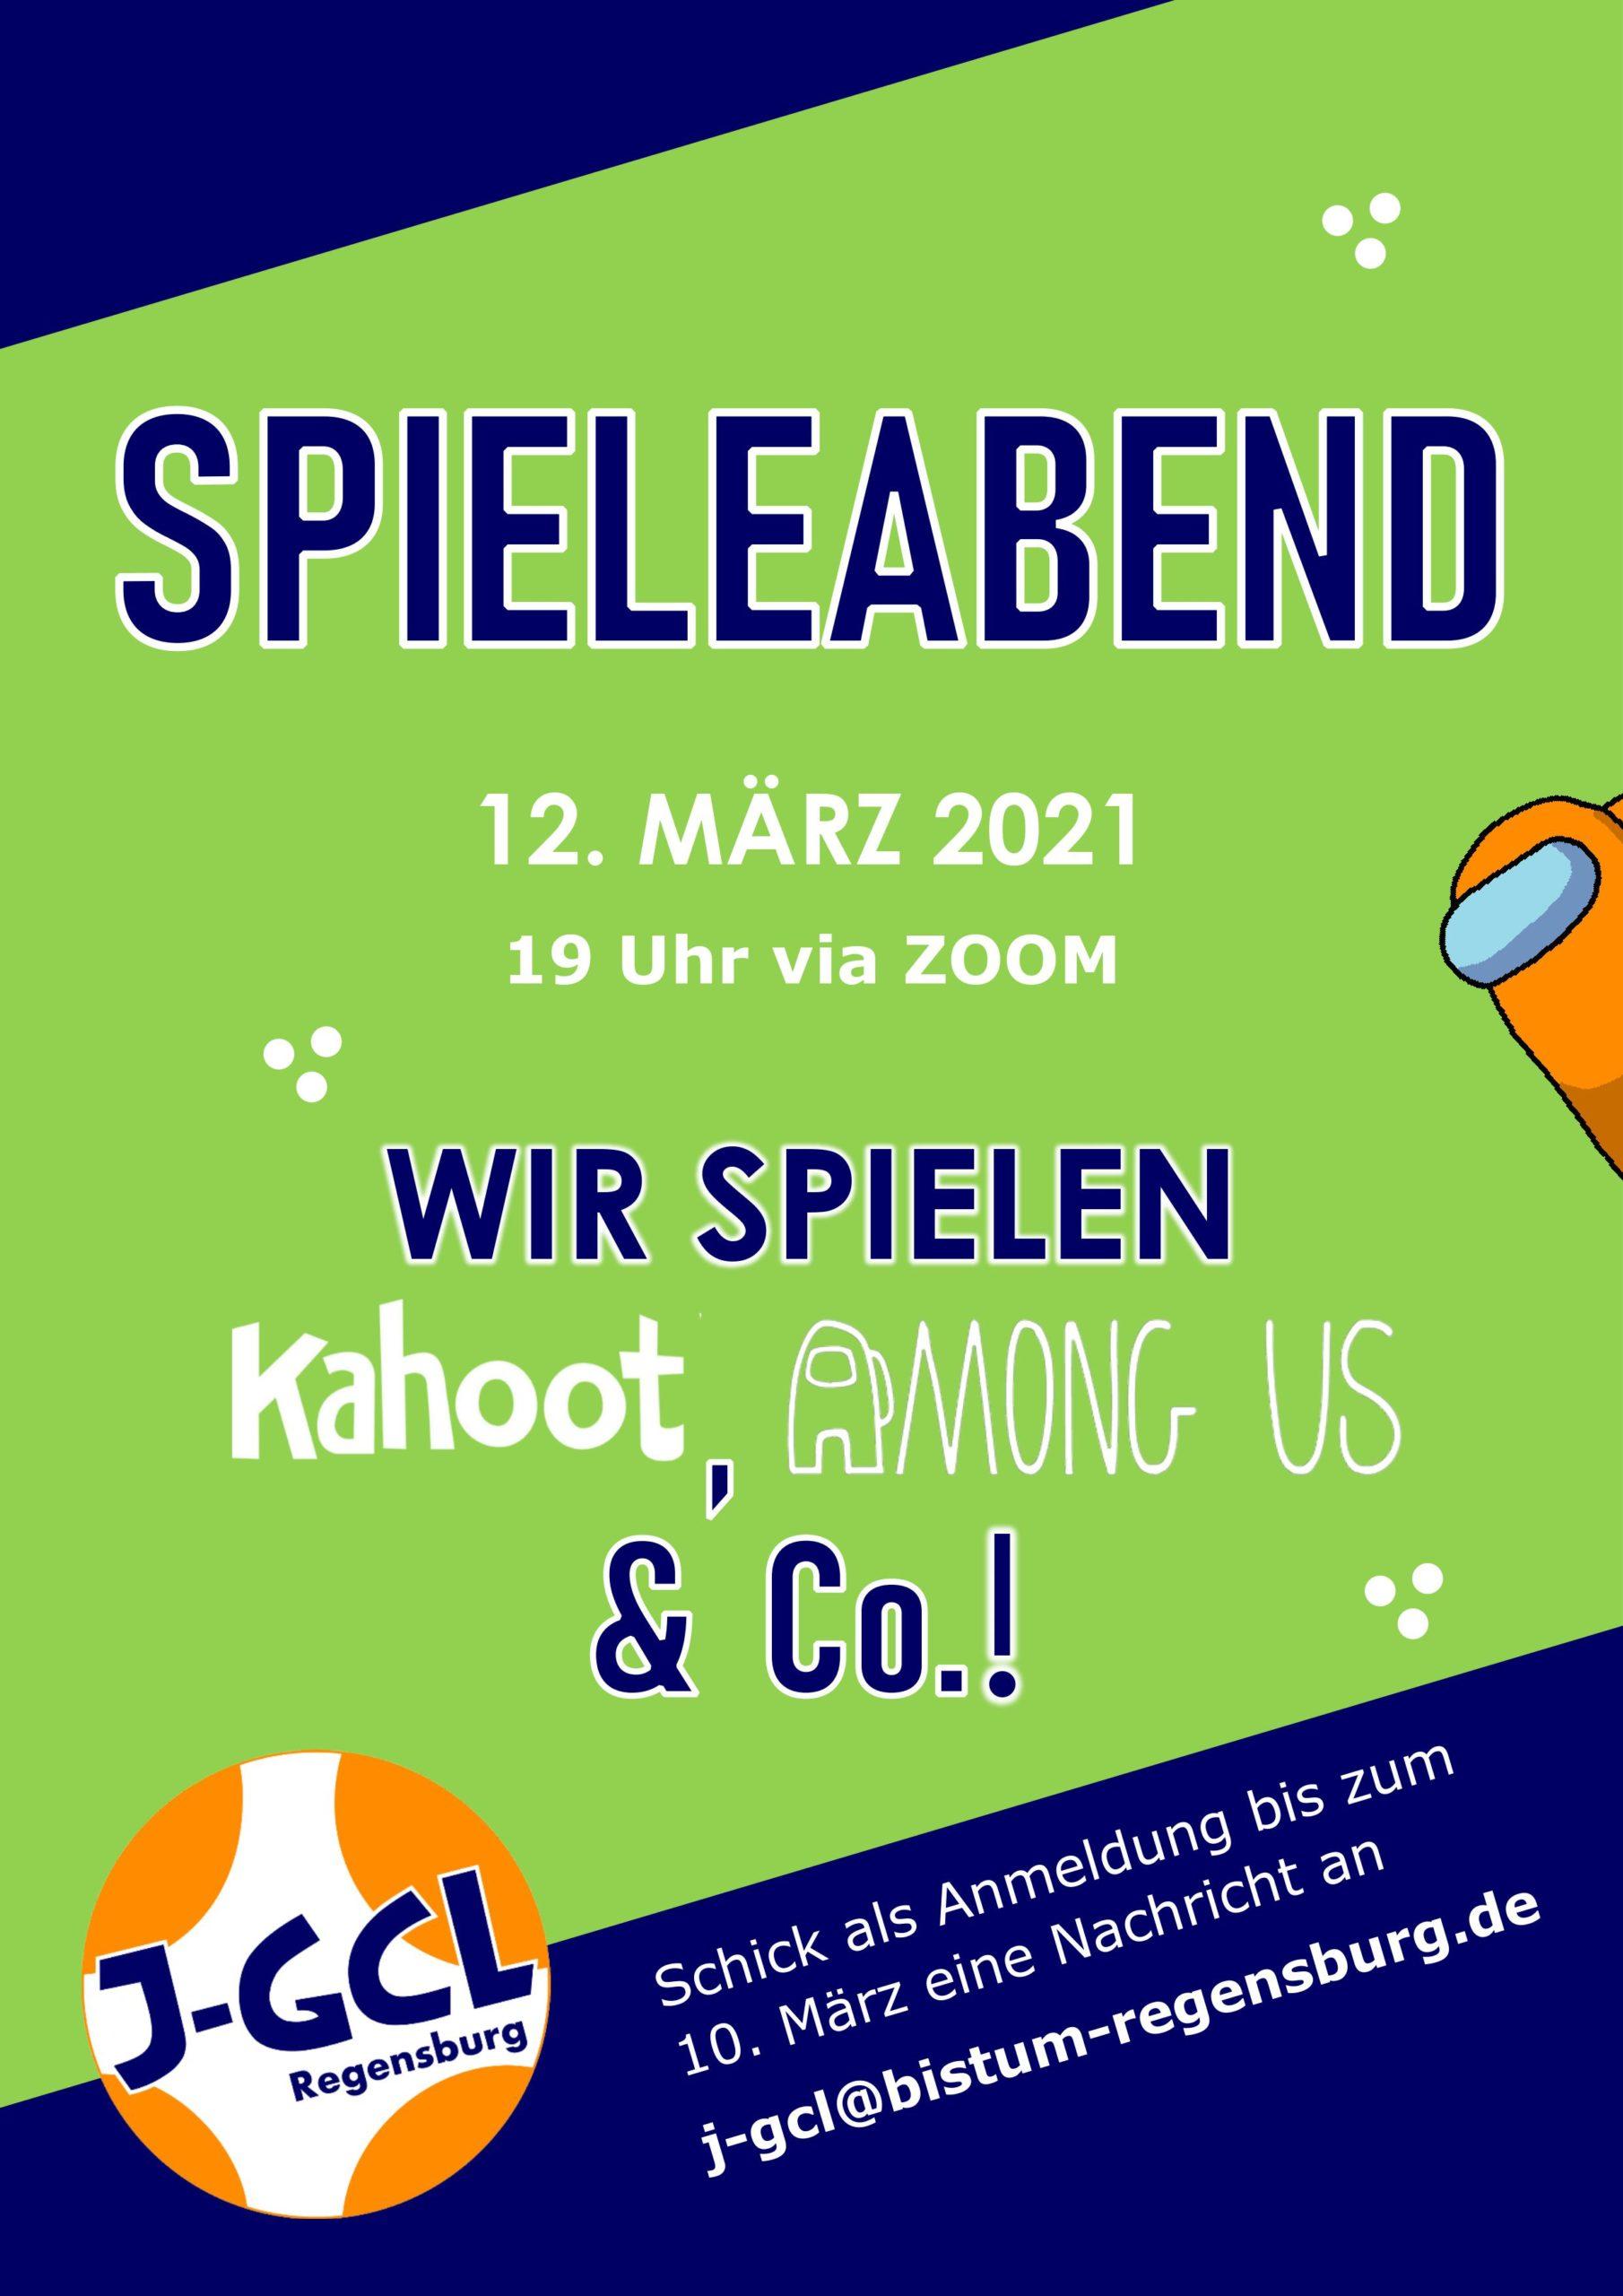 Einladung Spieleabend 12. März